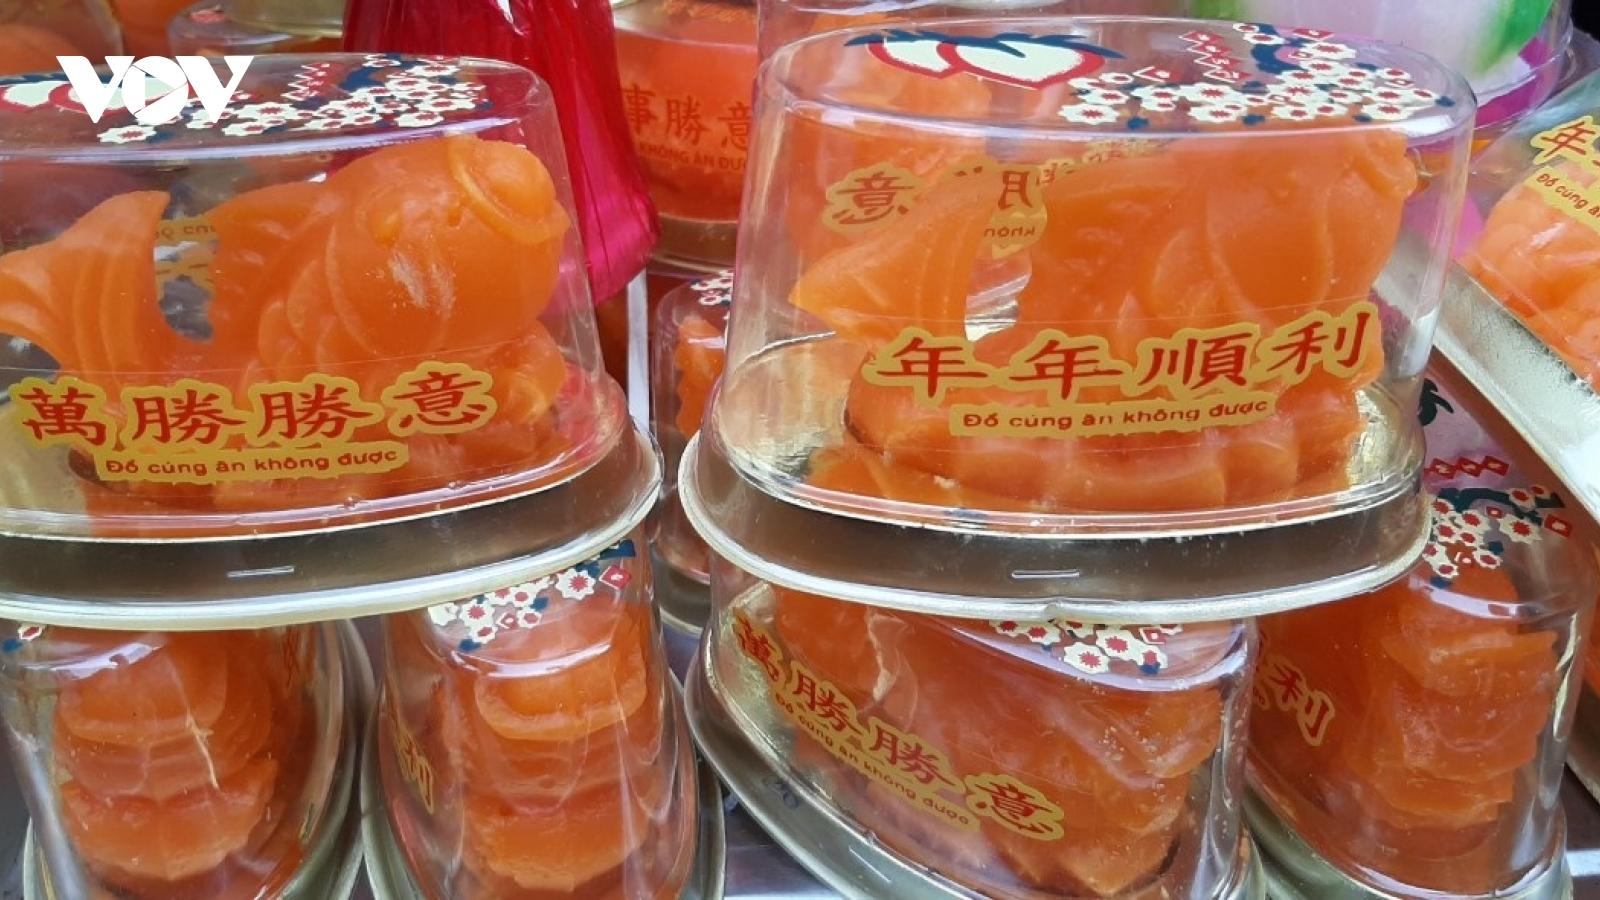 Chợ Tết ông Công, ông Táo: Xuất hiện nhiều bánh lạ